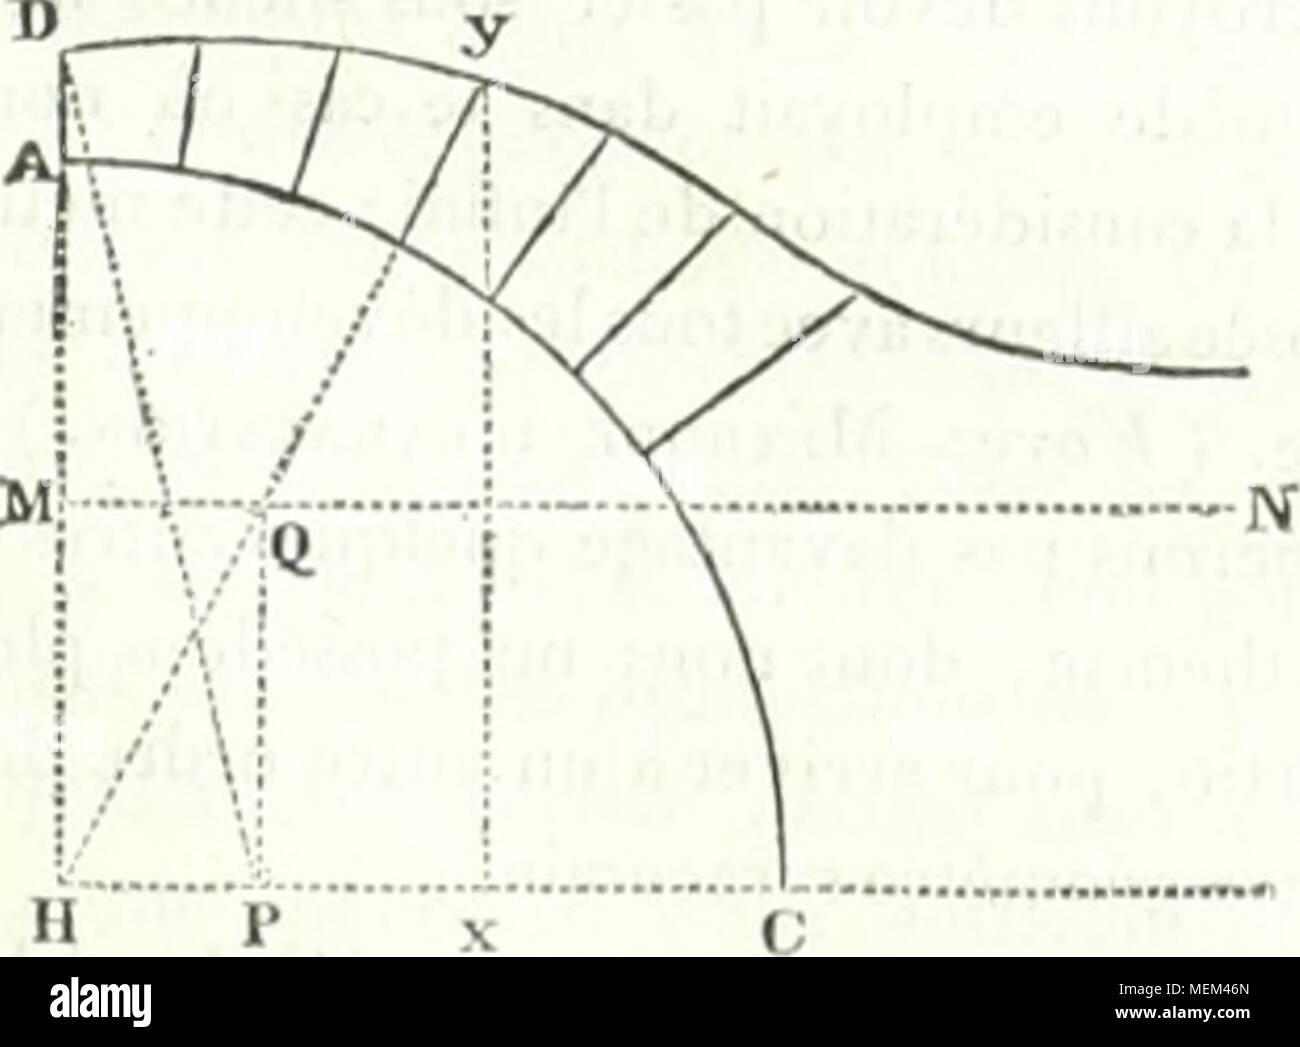 Q M Ii Stock Photos Images Alamy Iid Wiring Diagram Dictionnaire Des Sciences Mathmatiques Pures Et Appliques Ad Lu Hauteur